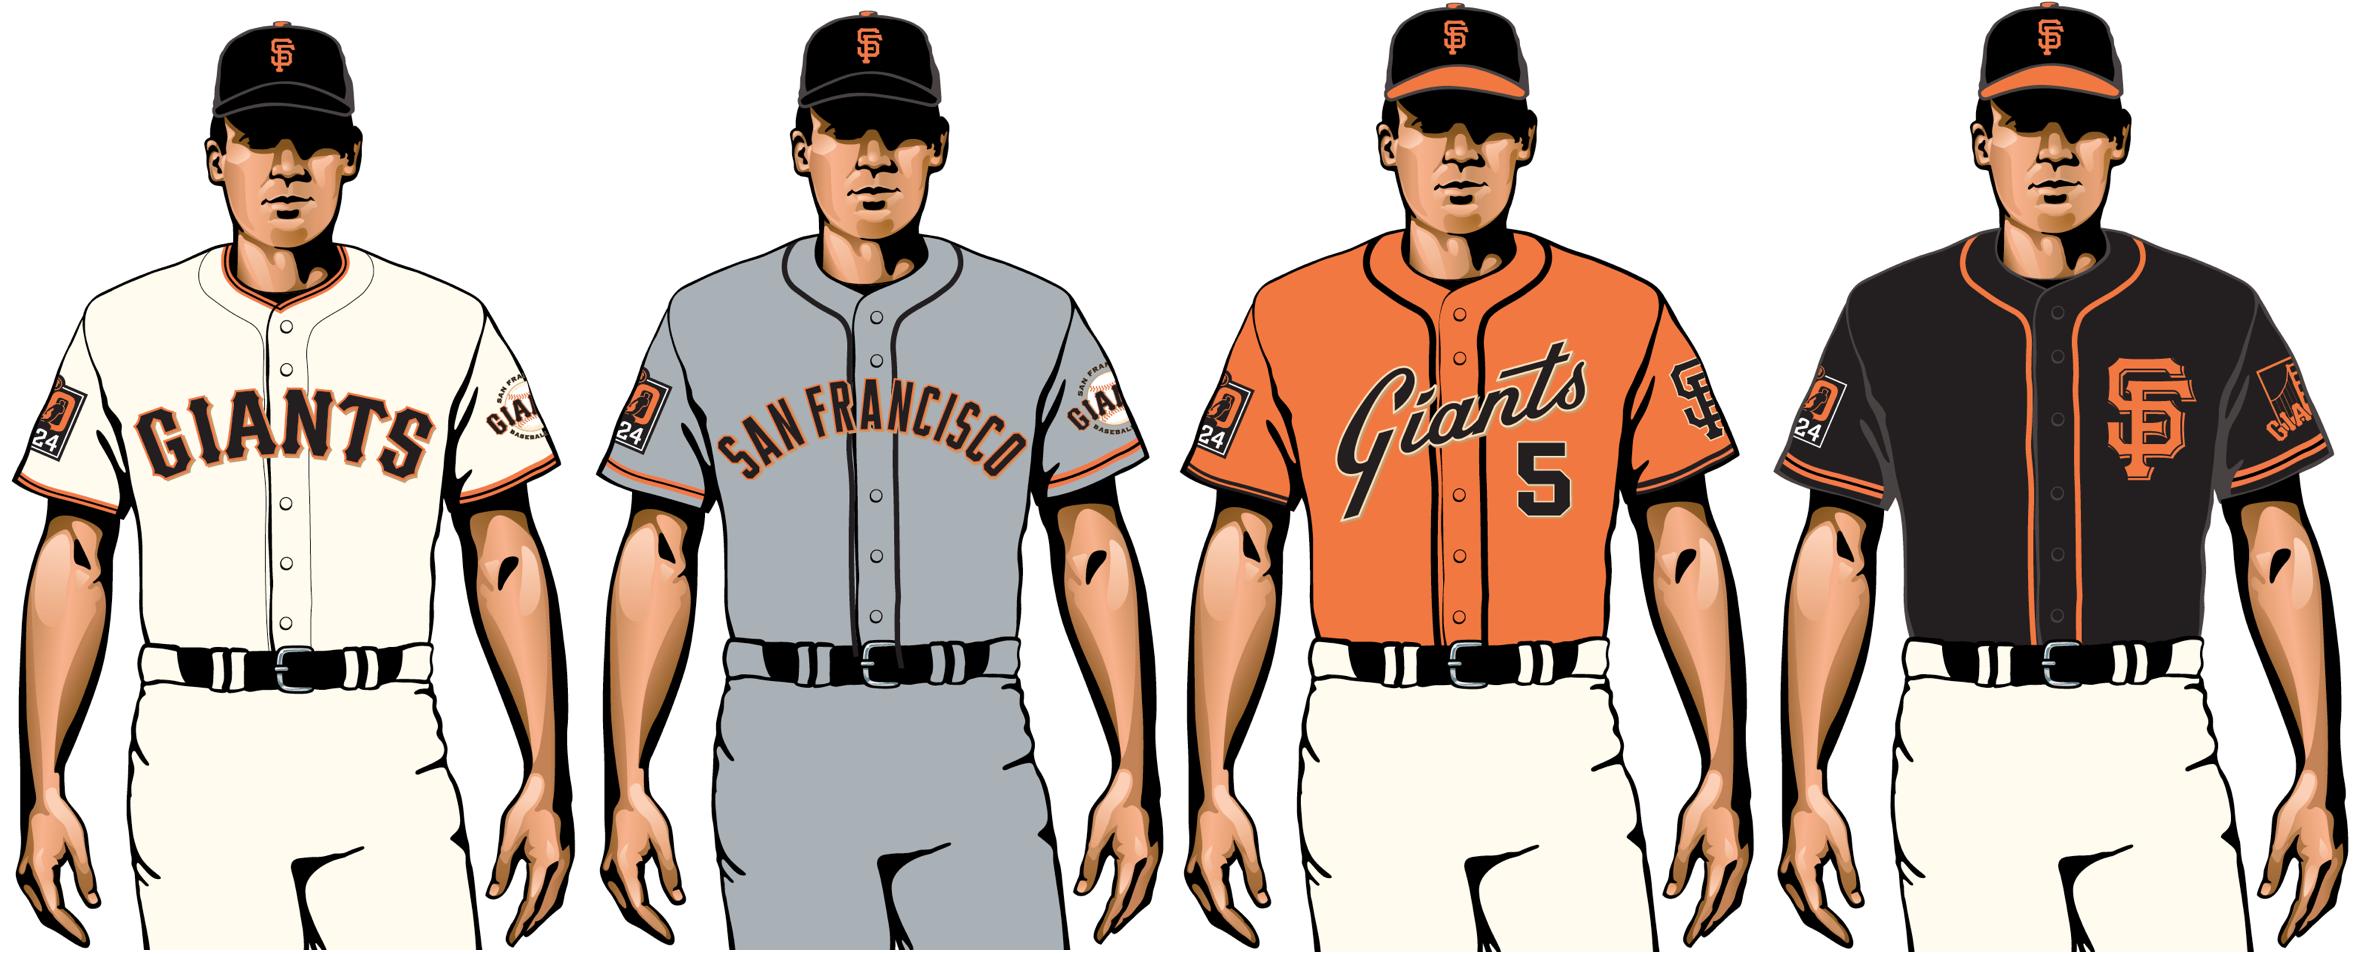 uniformes de san francisco gigantes 2020